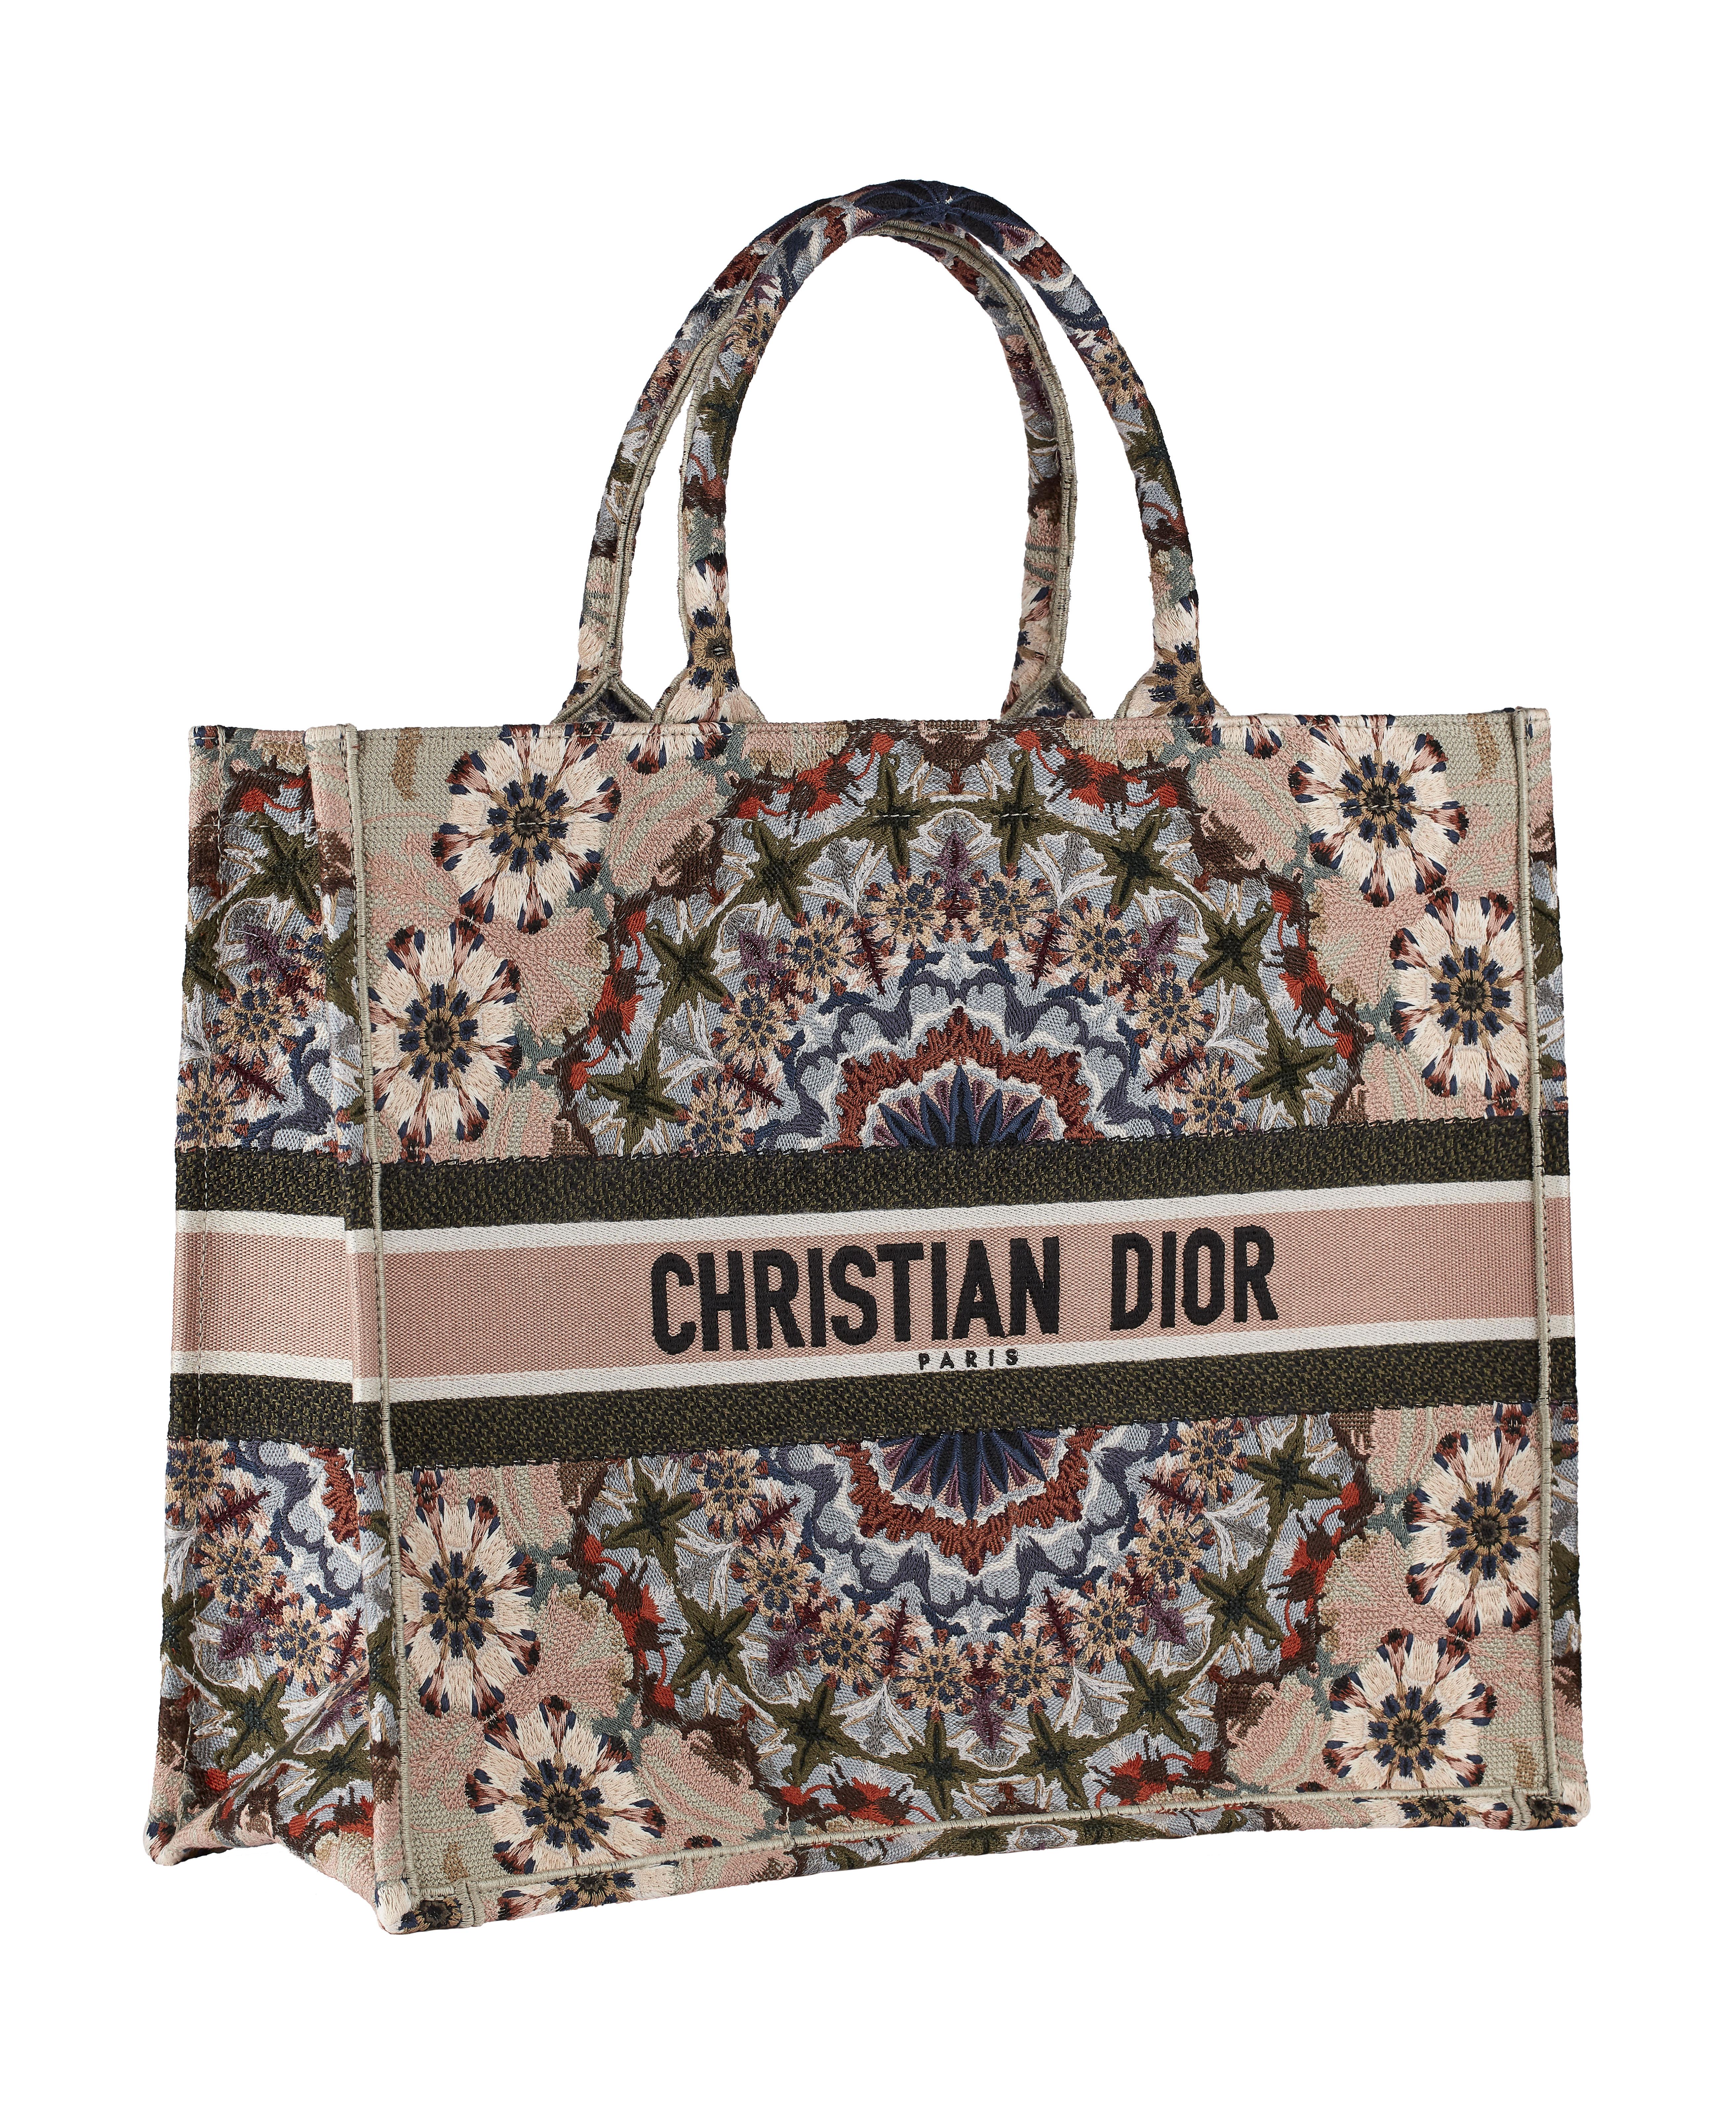 cb84a856 Dior Photo Gallery